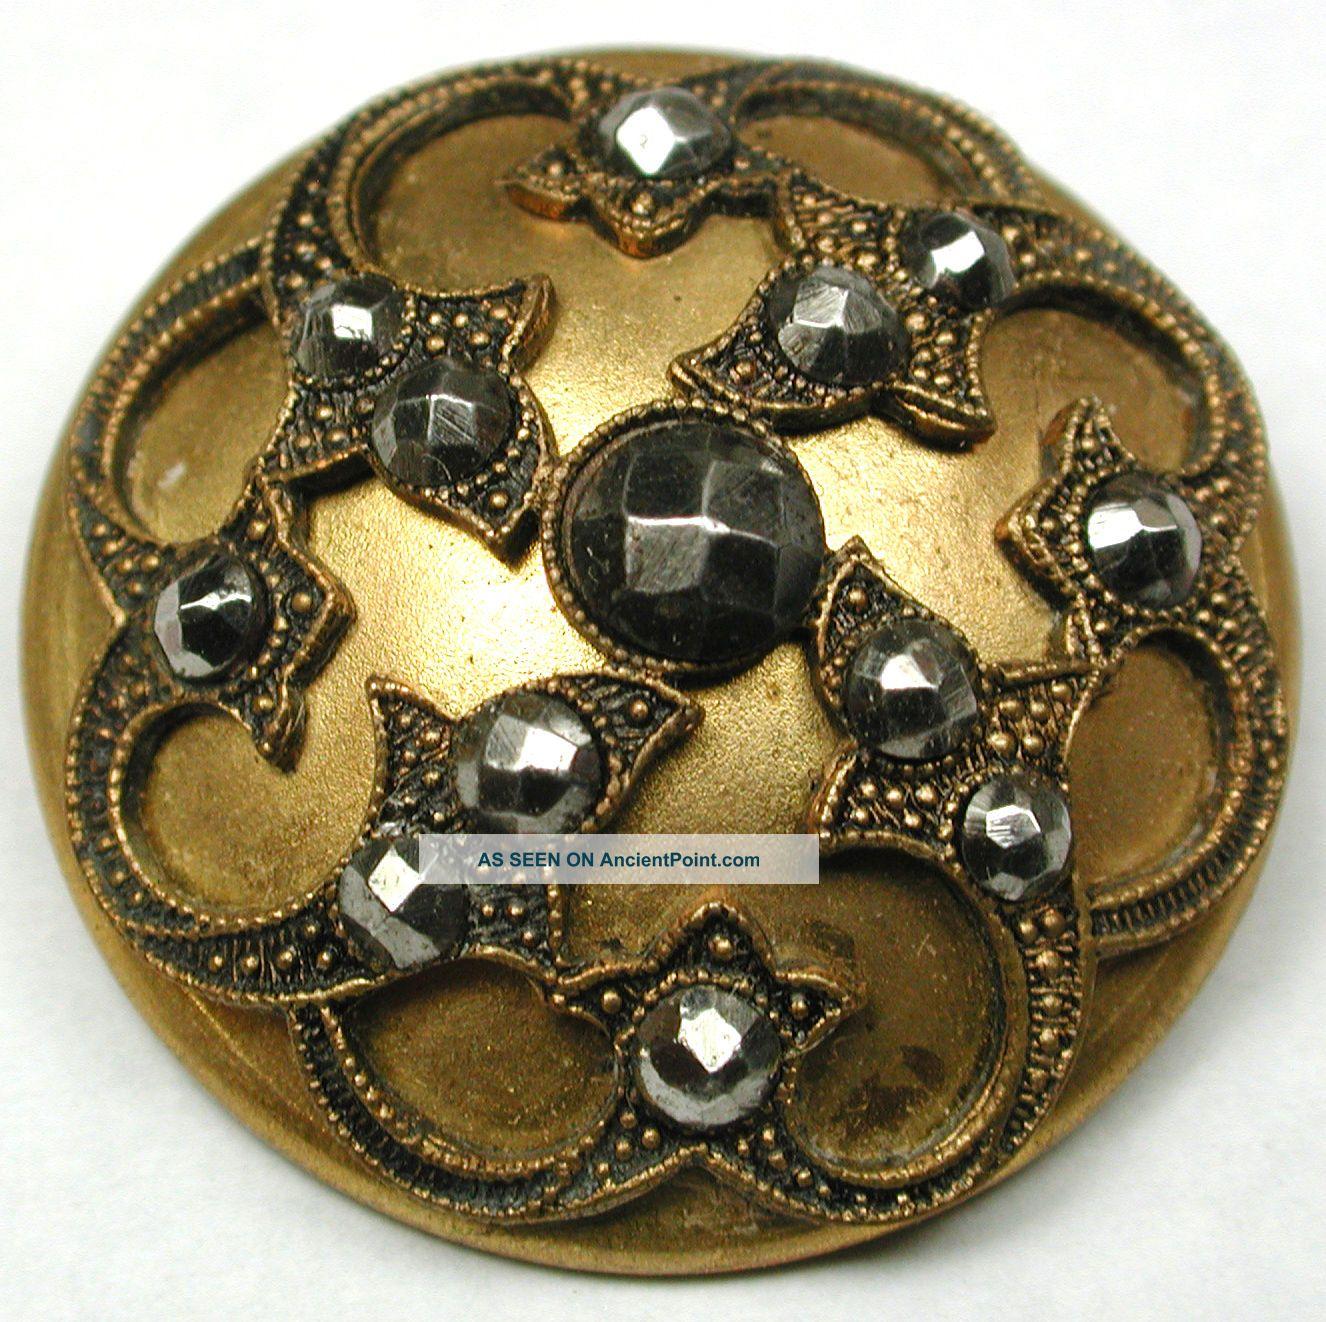 Lg Sz Antique Brass Dome Button Fancy Design W/ Cut Steel Accents - 1 & 1/4 Buttons photo